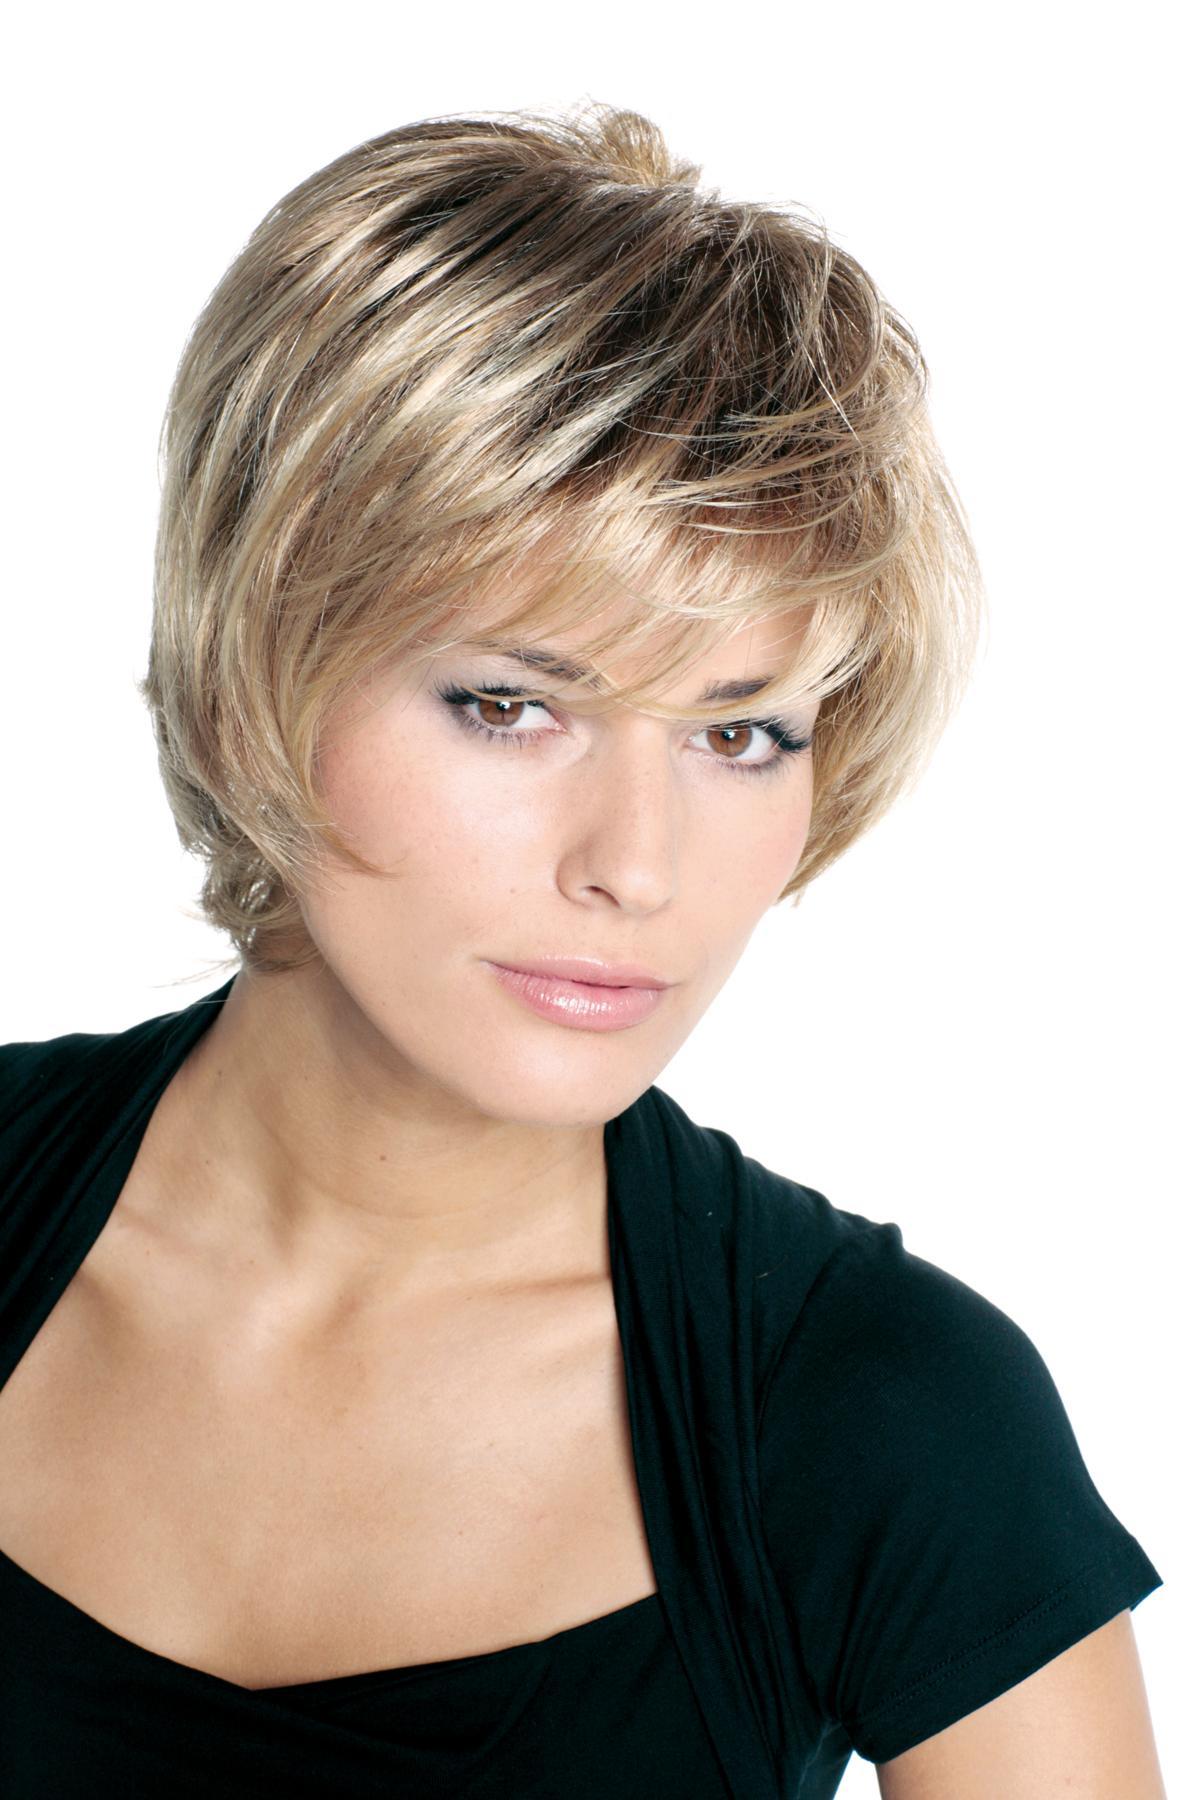 Photos coiffure, une bonne manière de ne pas se tromper de coupe